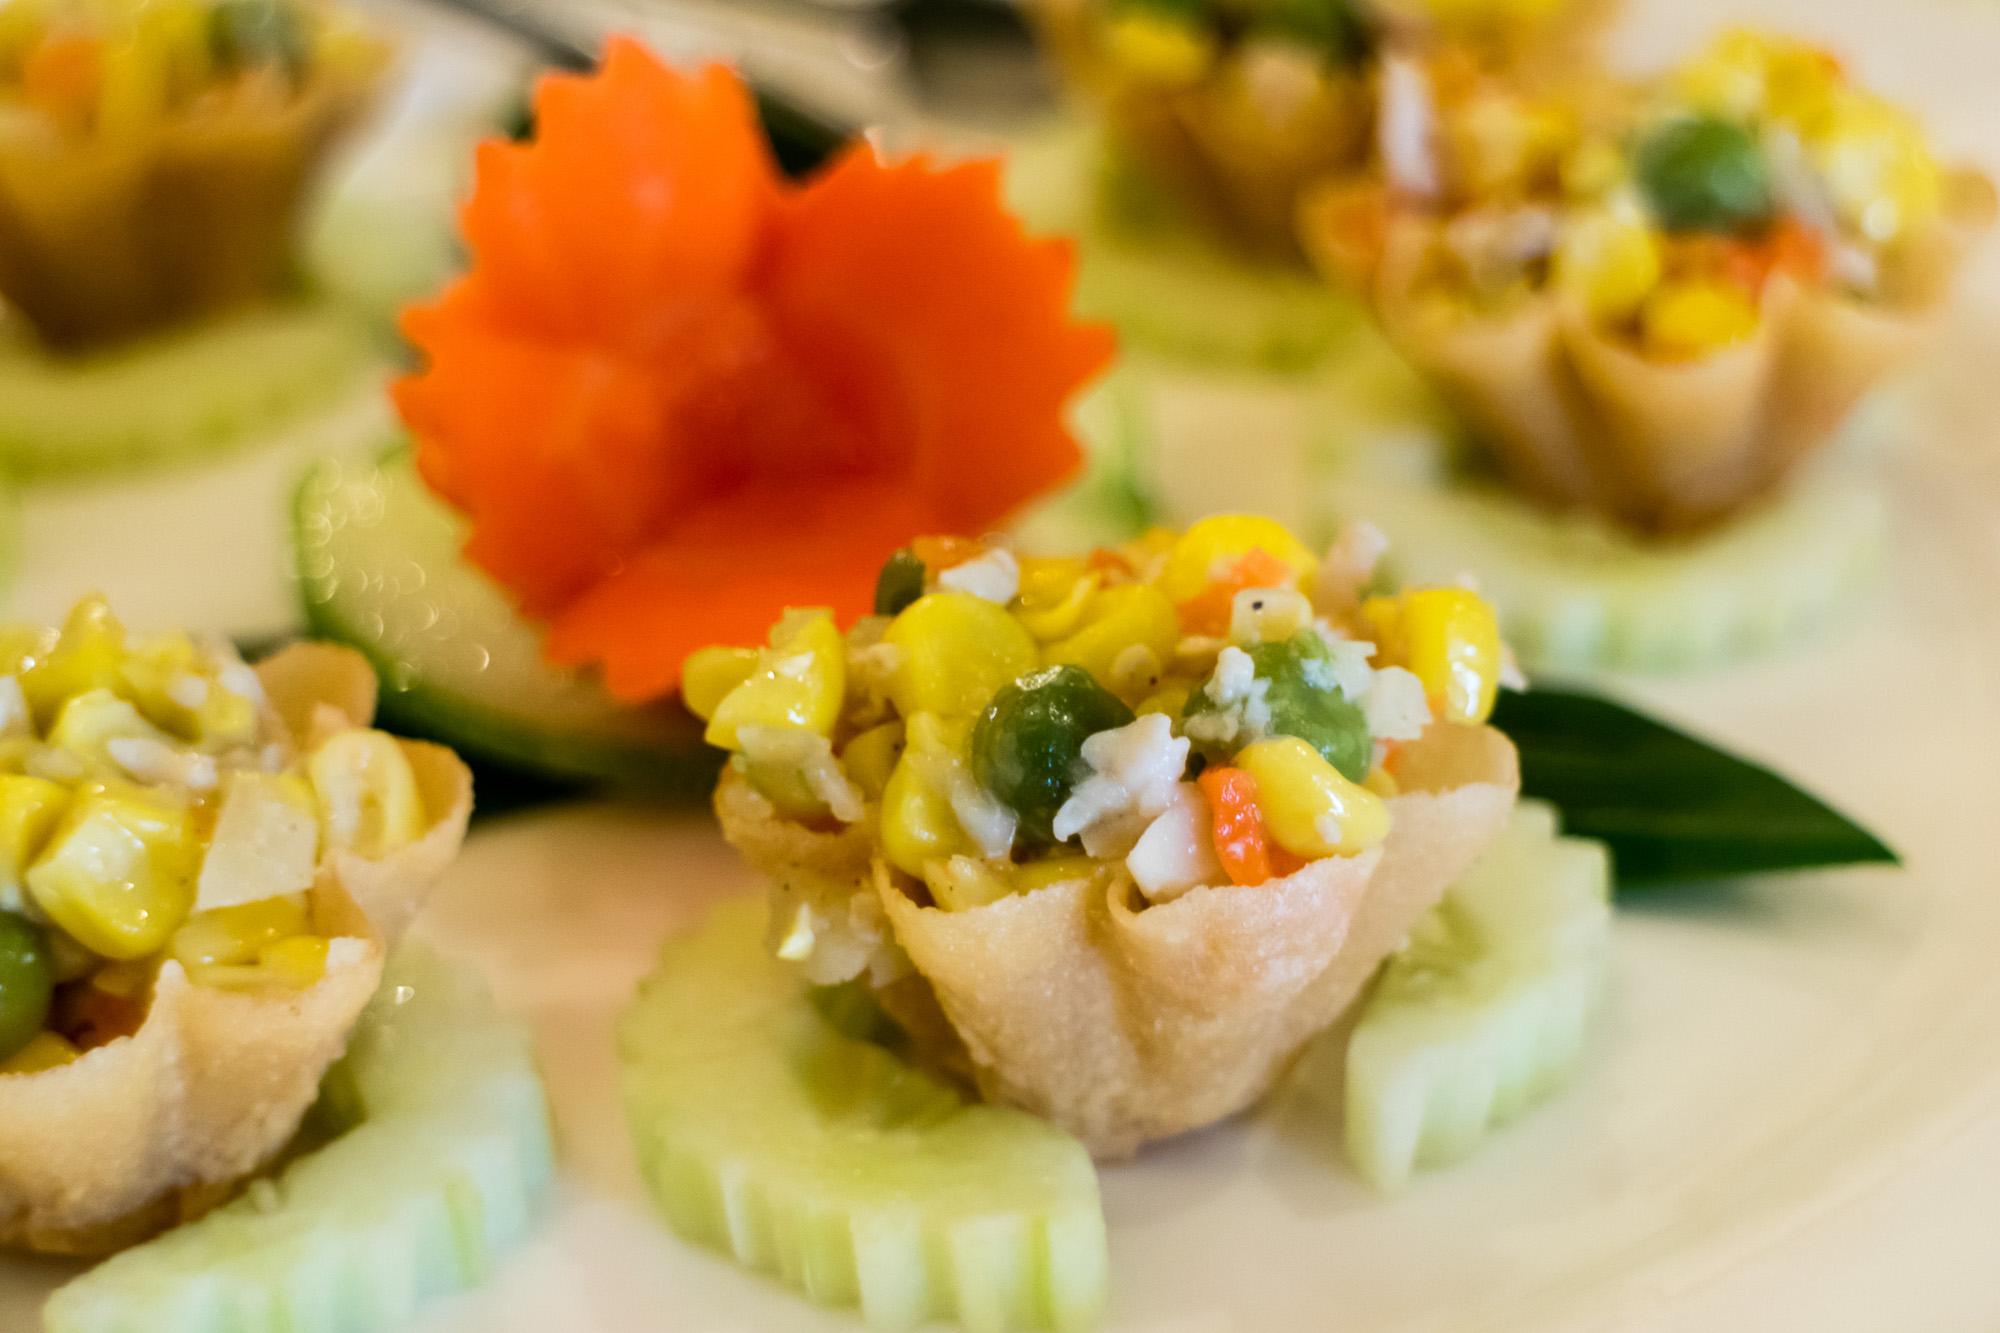 กระทงทอง นาจ Naj Exquisite Thai Cusine & Naj Thai Cooking School  นาจ Naj Exquisite Thai Cuisine ชวนลิ้มลองอาหารไทยสุดหรู ย่านสีลม IMG 4039